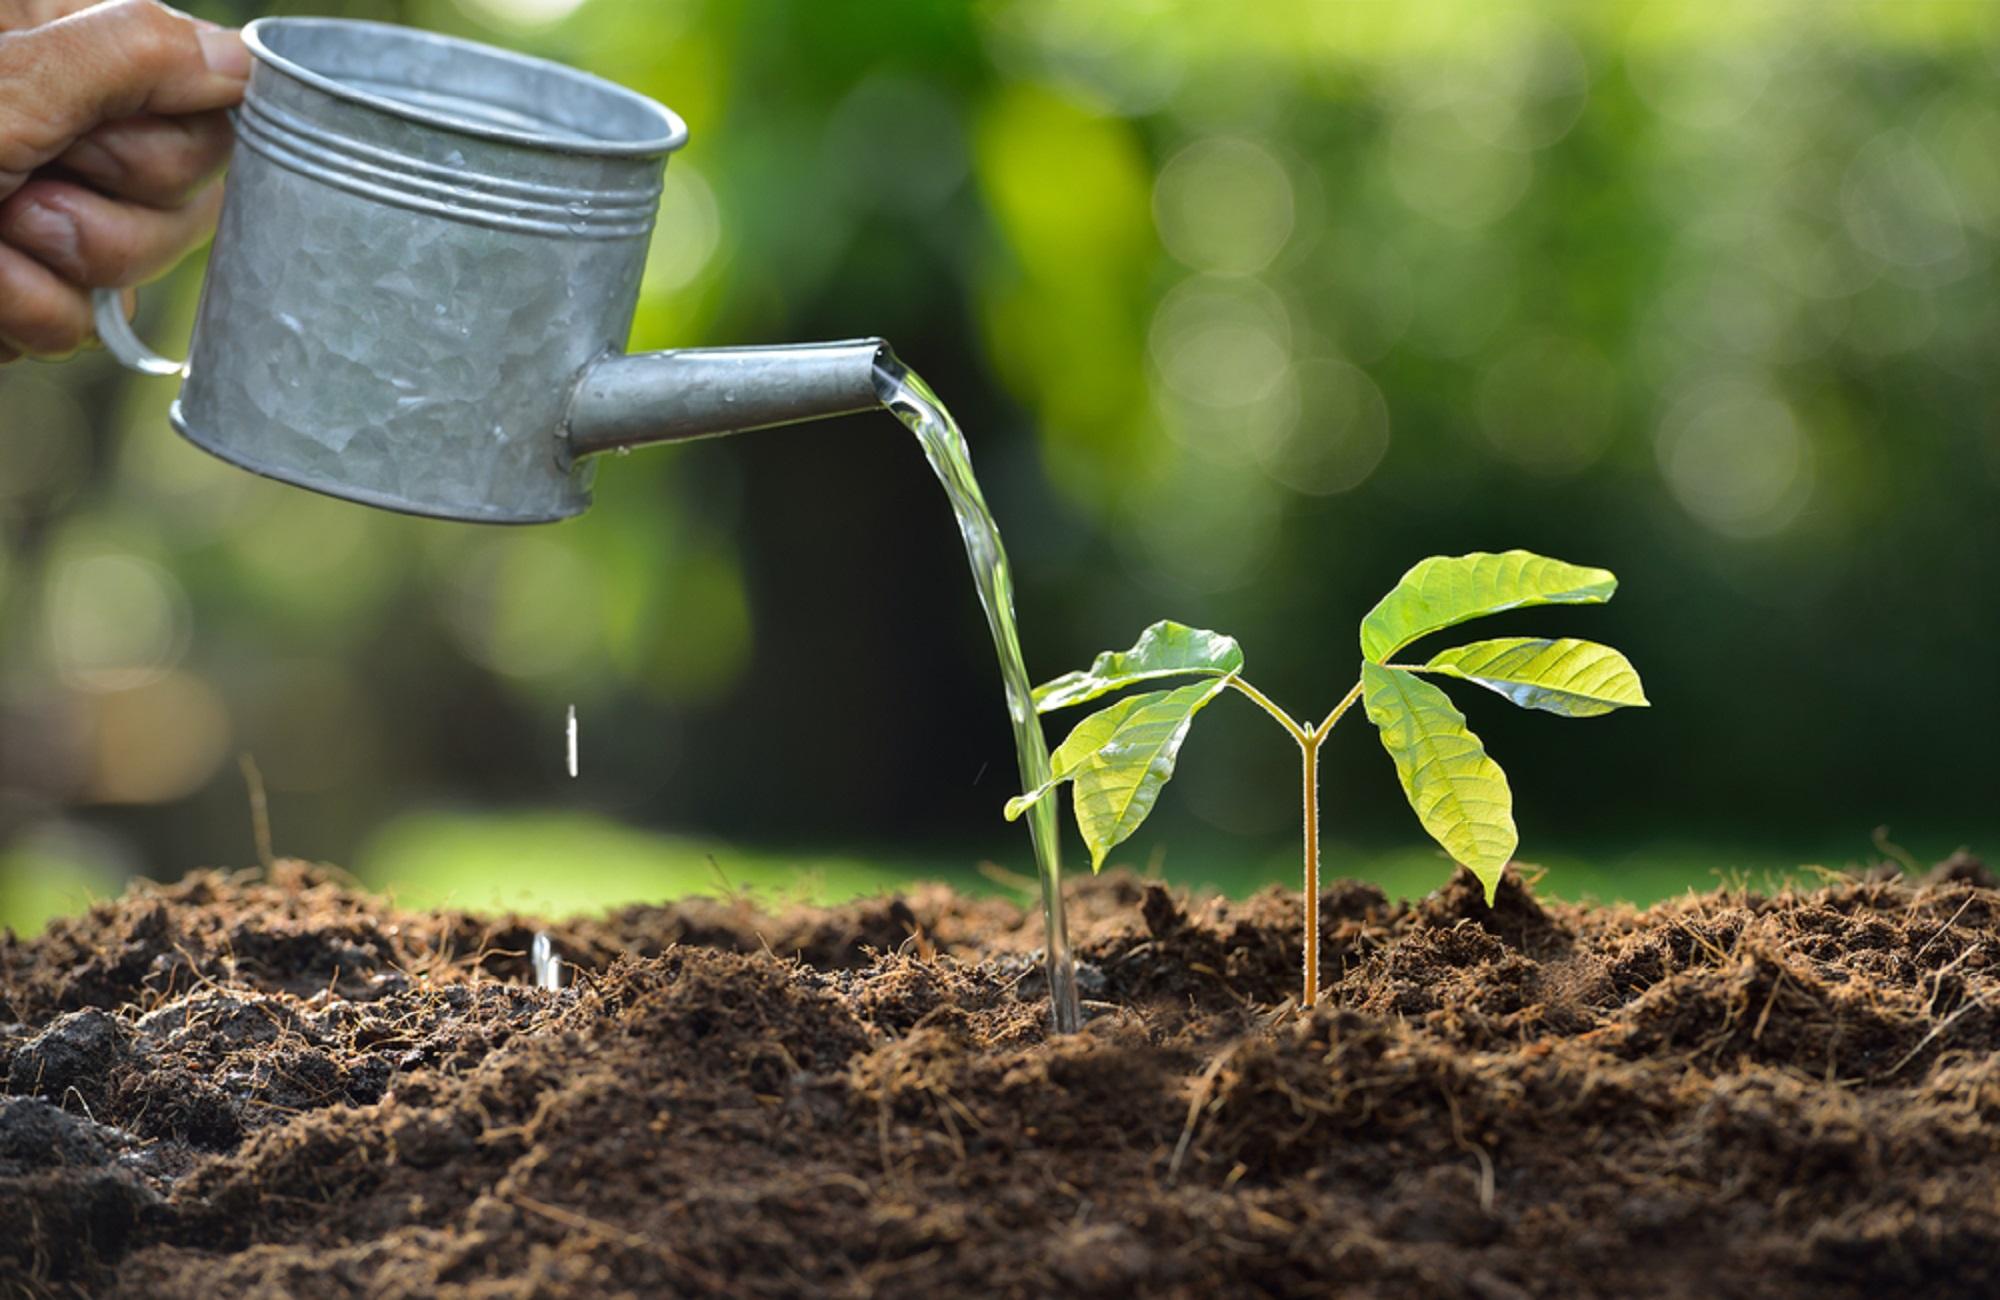 بهترین کود برای رشد سریع گیاهان